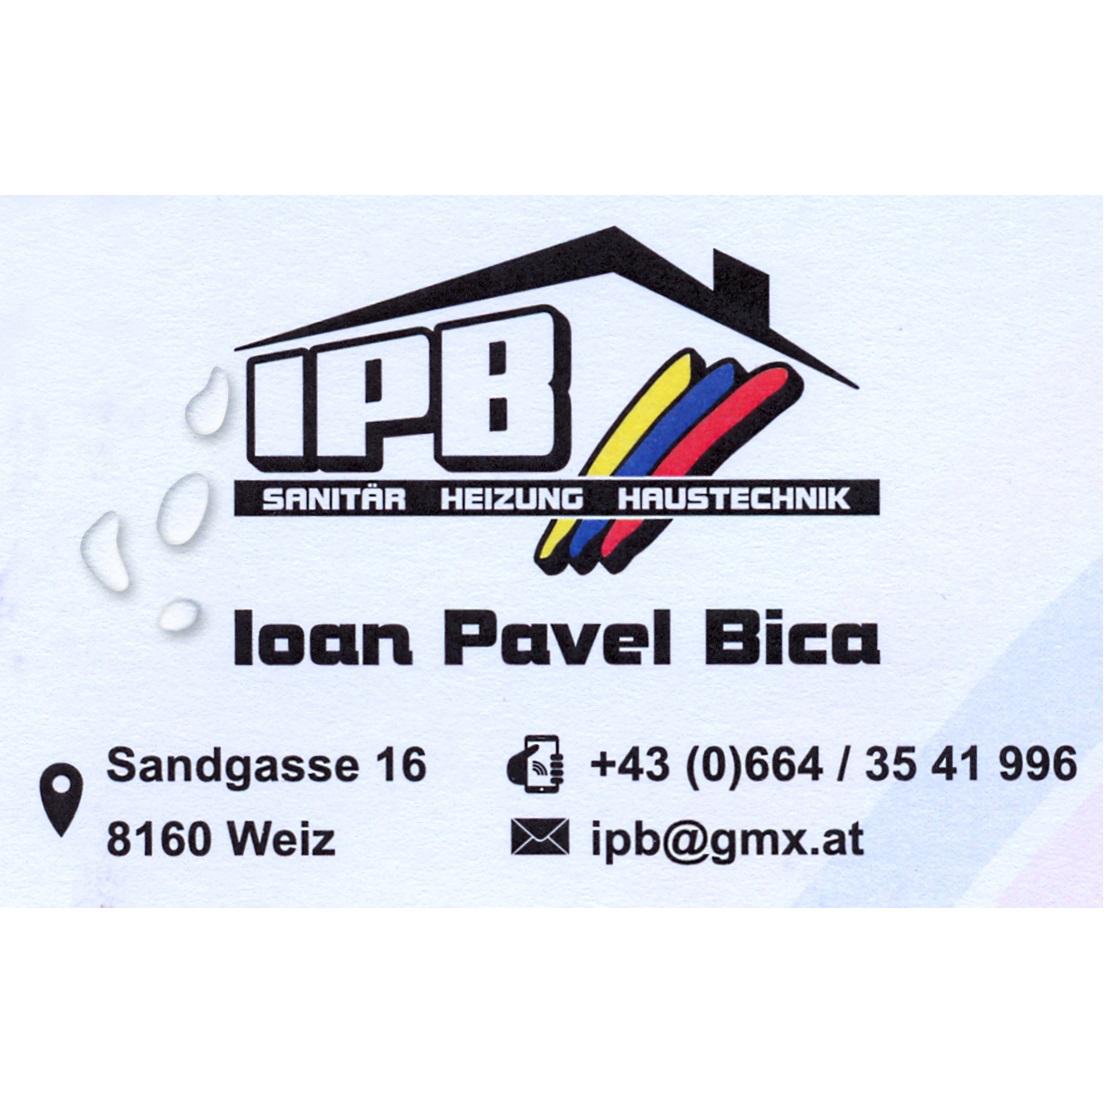 Bild von: IPB Sanitär Heizung Haustechnik - Ioan Pavel Bica